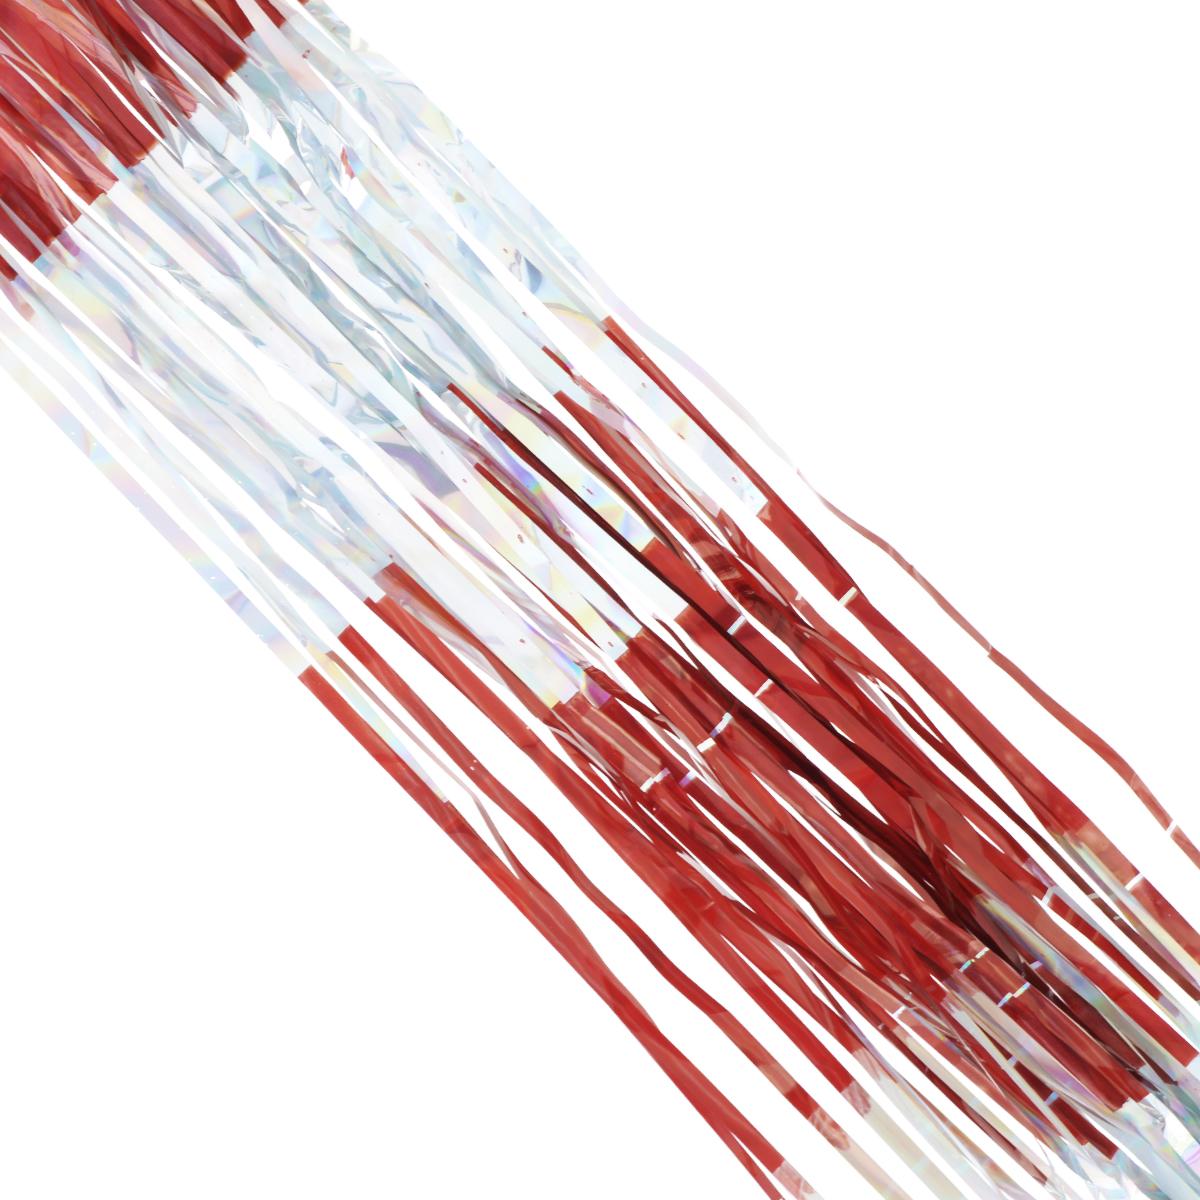 Дождик новогодний Sima-land, цвет: красный, серебристый, 14 см х 150 см. 702538K100Новогодний дождик Sima-land, изготовленный из двухцветной фольги, поможет вам украсить свой дом к предстоящим праздникам. Новогодняя елка с таким украшением станет еще наряднее. Новогодним дождиком можно украсить все, что угодно - елку, квартиру, дачу, офис - как внутри, так и снаружи. Можно сложить новогодние поздравления, буквы и цифры, дождиком можно украсить и дополнить гирлянды, можно выделить дверные колонны, оплести дверные проемы. Коллекция декоративных украшений из серии Зимнее волшебство принесет в ваш дом ни с чем не сравнимое ощущение праздника! Создайте в своем доме атмосферу тепла, веселья и радости, украшая его всей семьей. Ширина: 14 см.